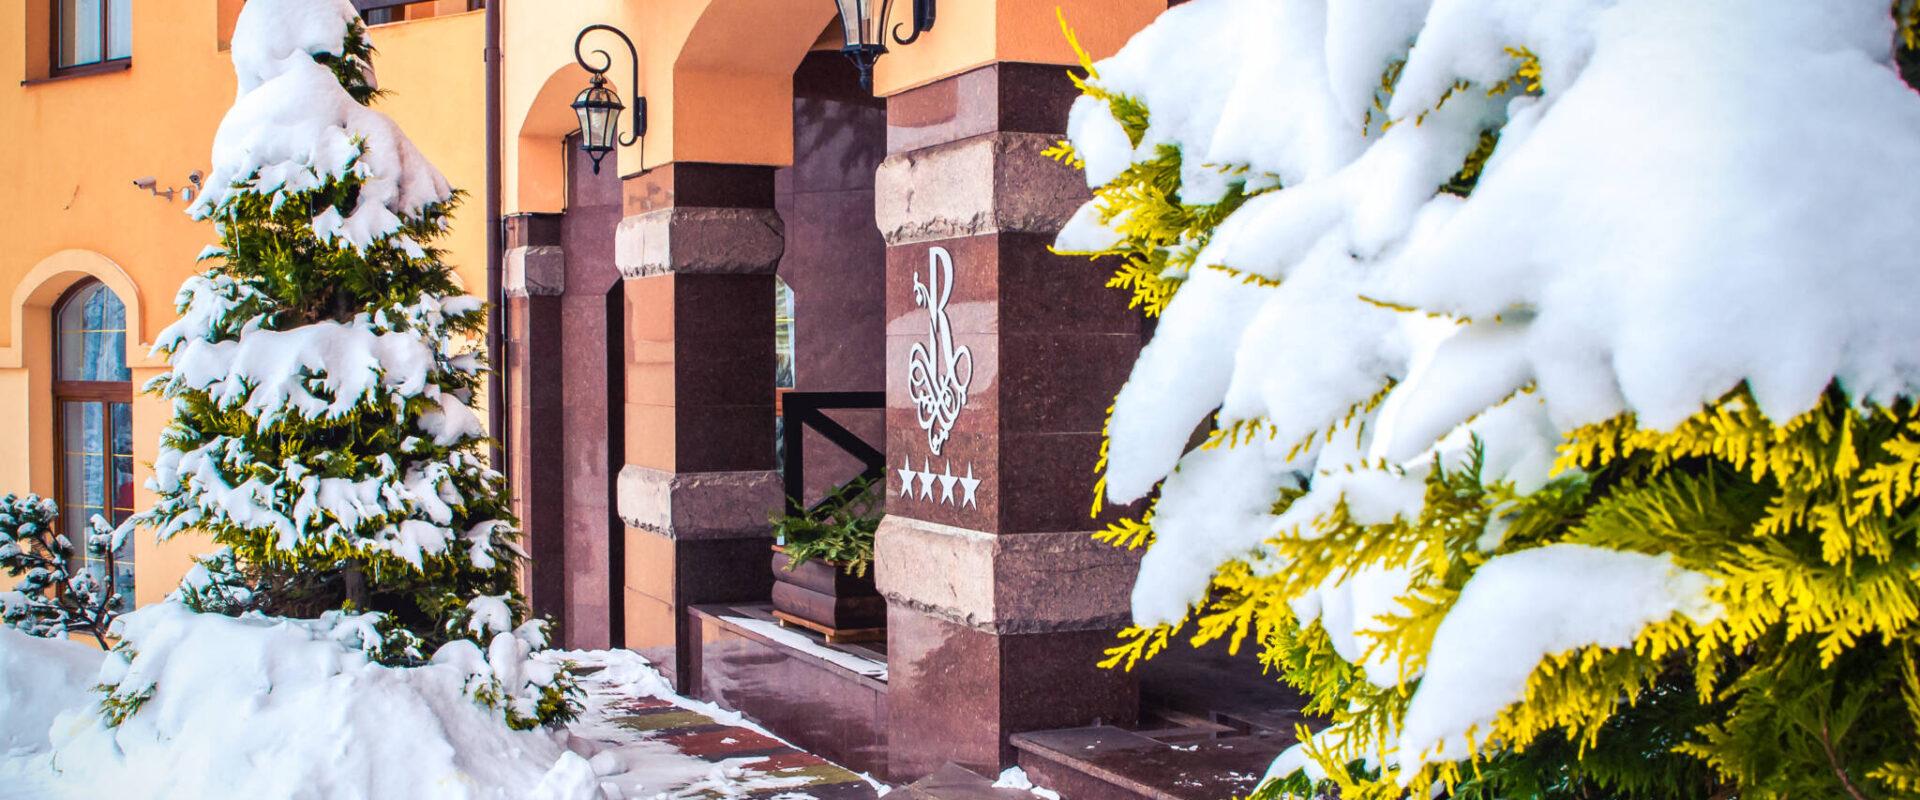 Rezerwacja pokoispa-hotel Respect